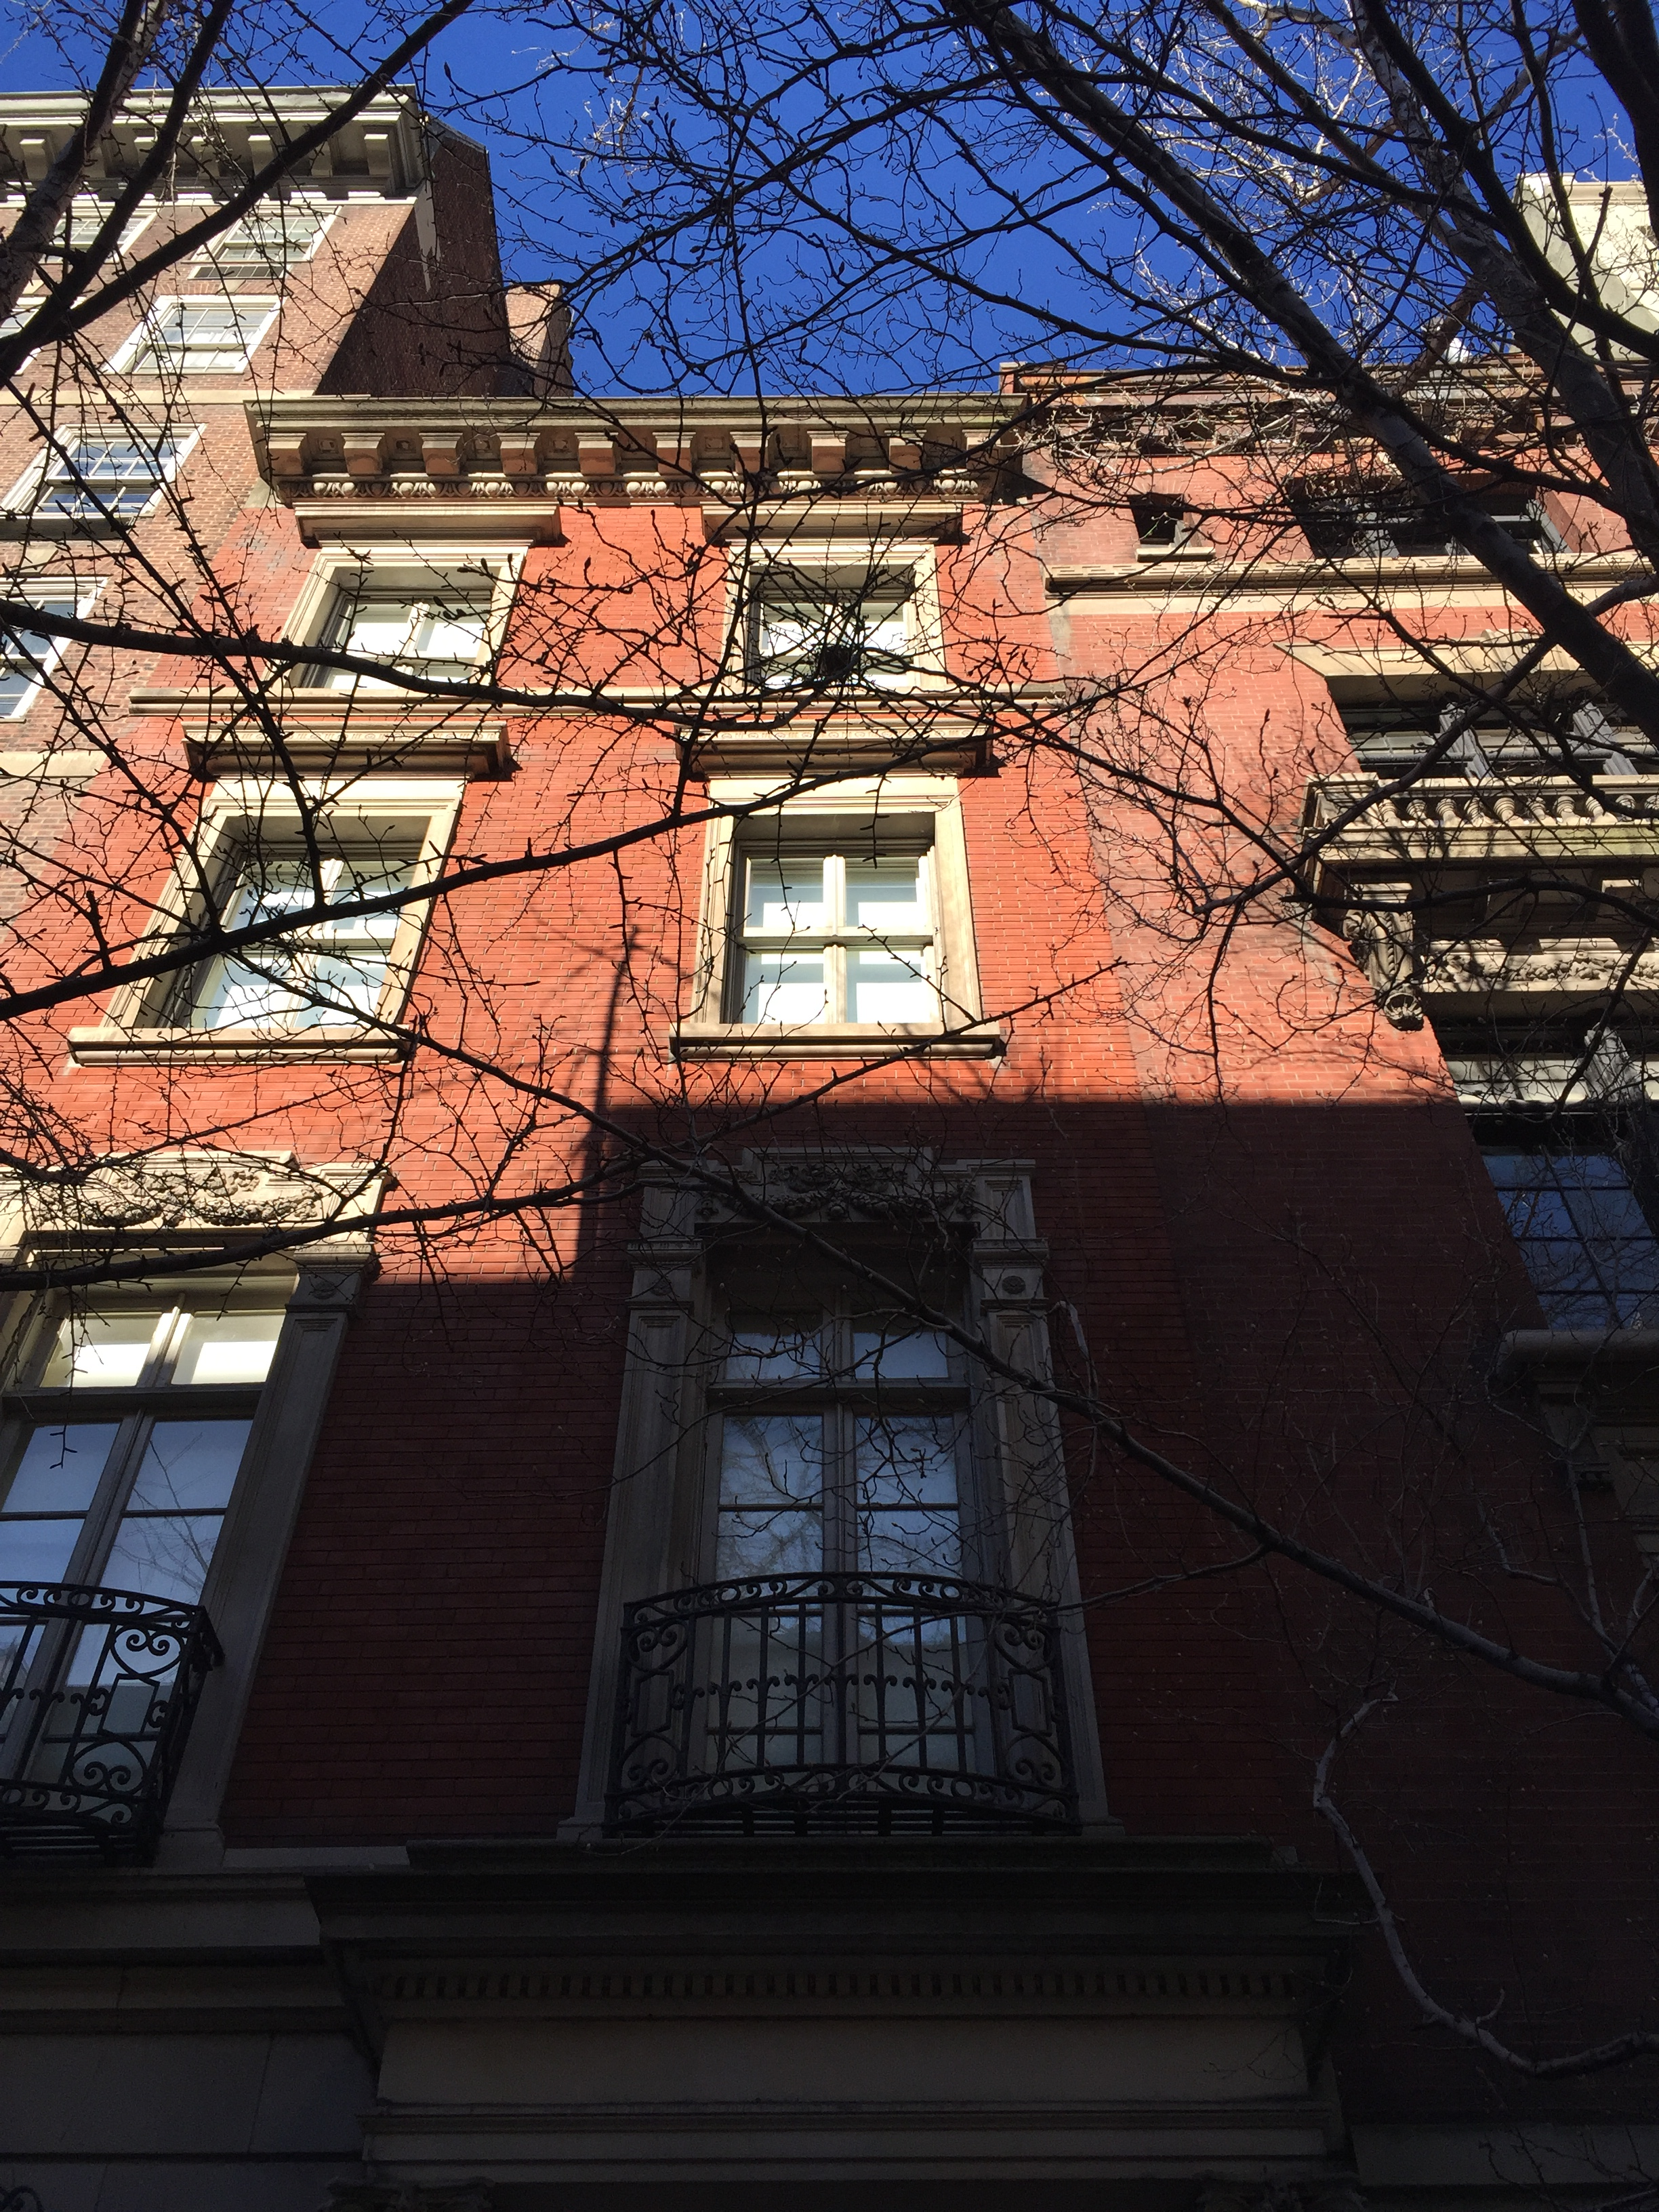 Andy Warhol house